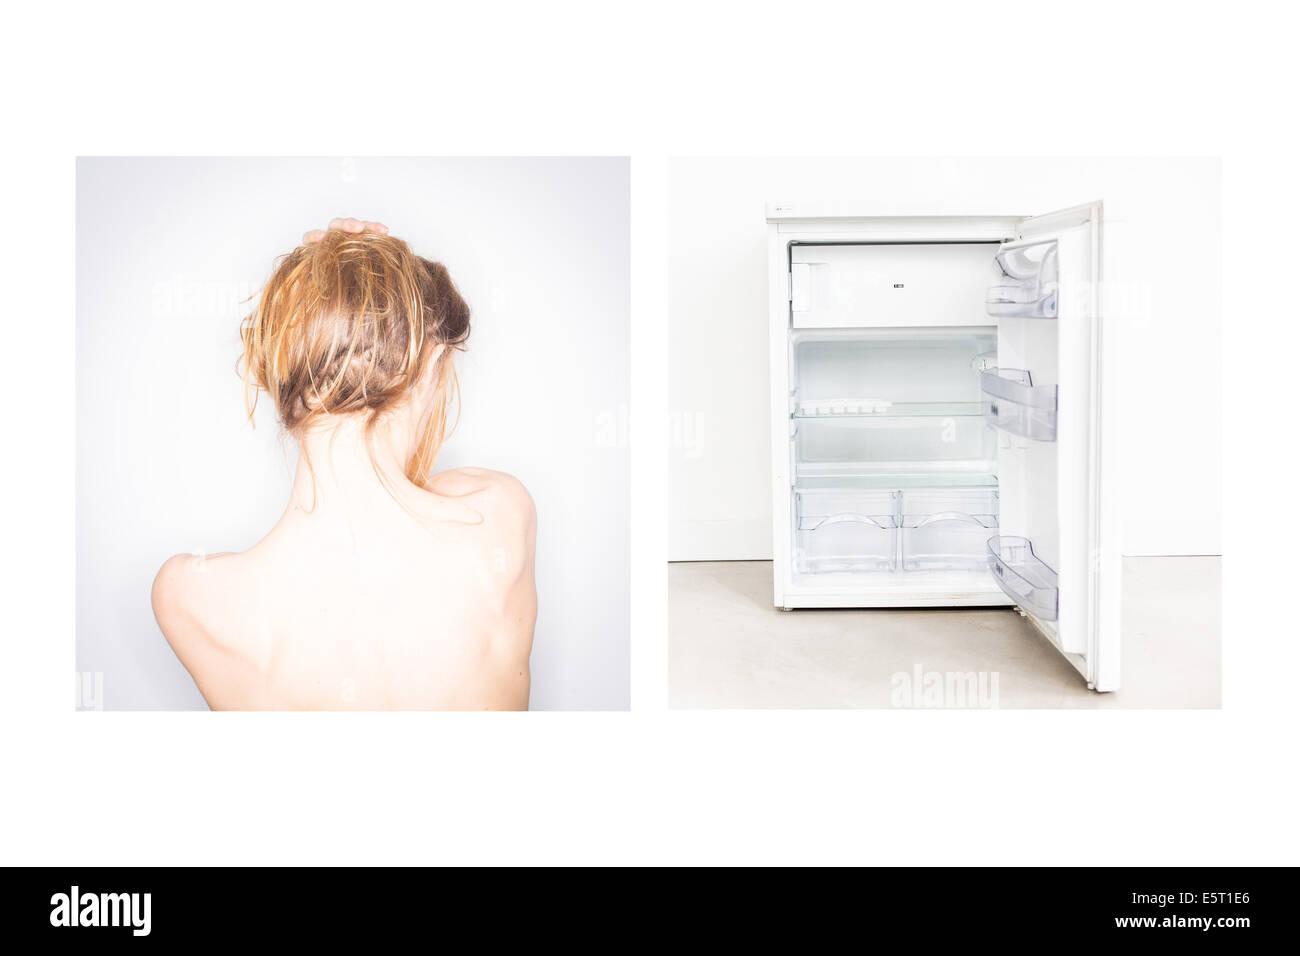 Anorexie-Konzept. Stockbild